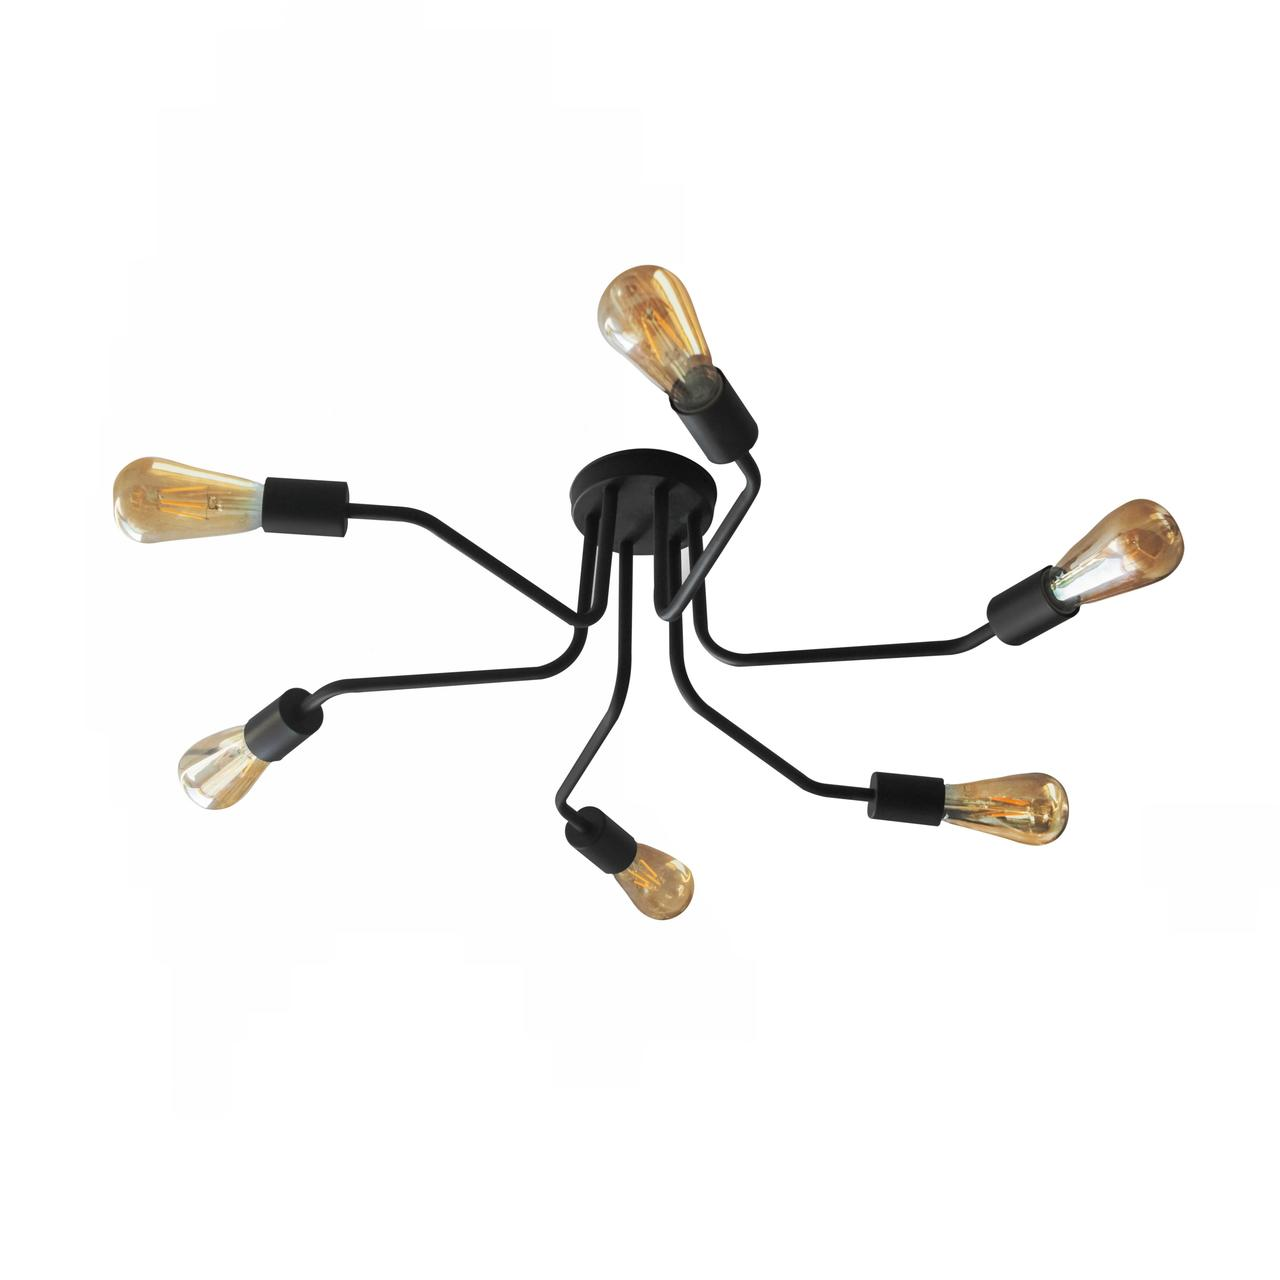 Люстра паук NL 7272/6 MSK Electric